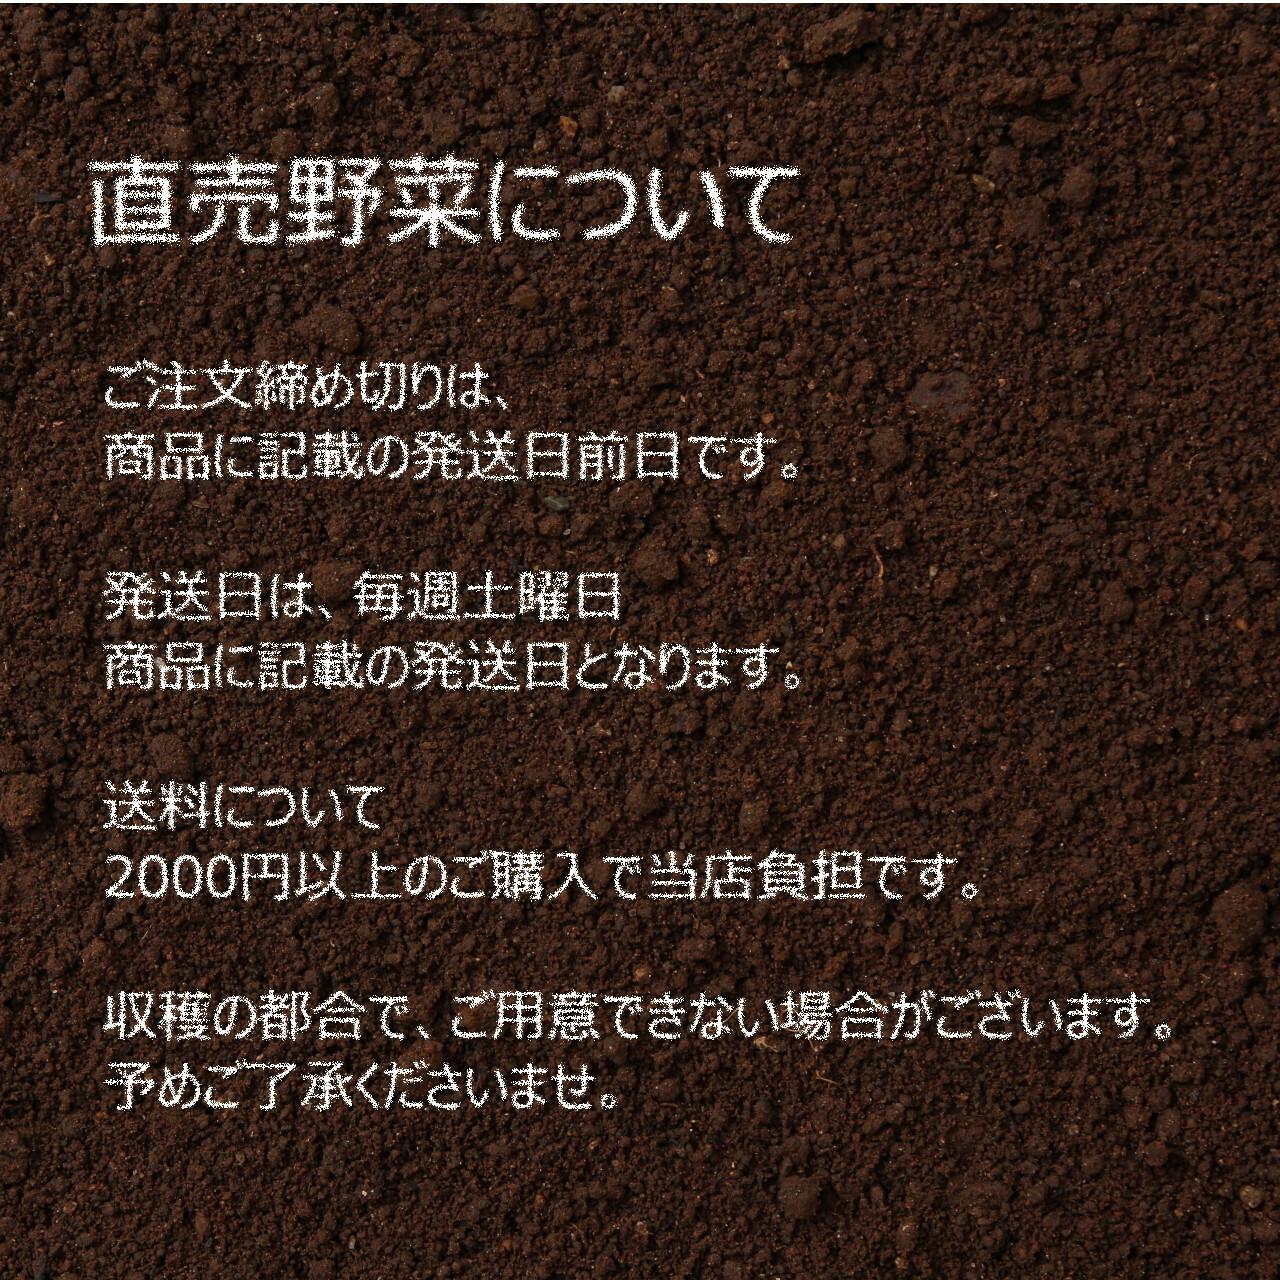 7月の新鮮な夏野菜 : ピーマン 約250g 朝採り直売野菜 7月11日発送予定